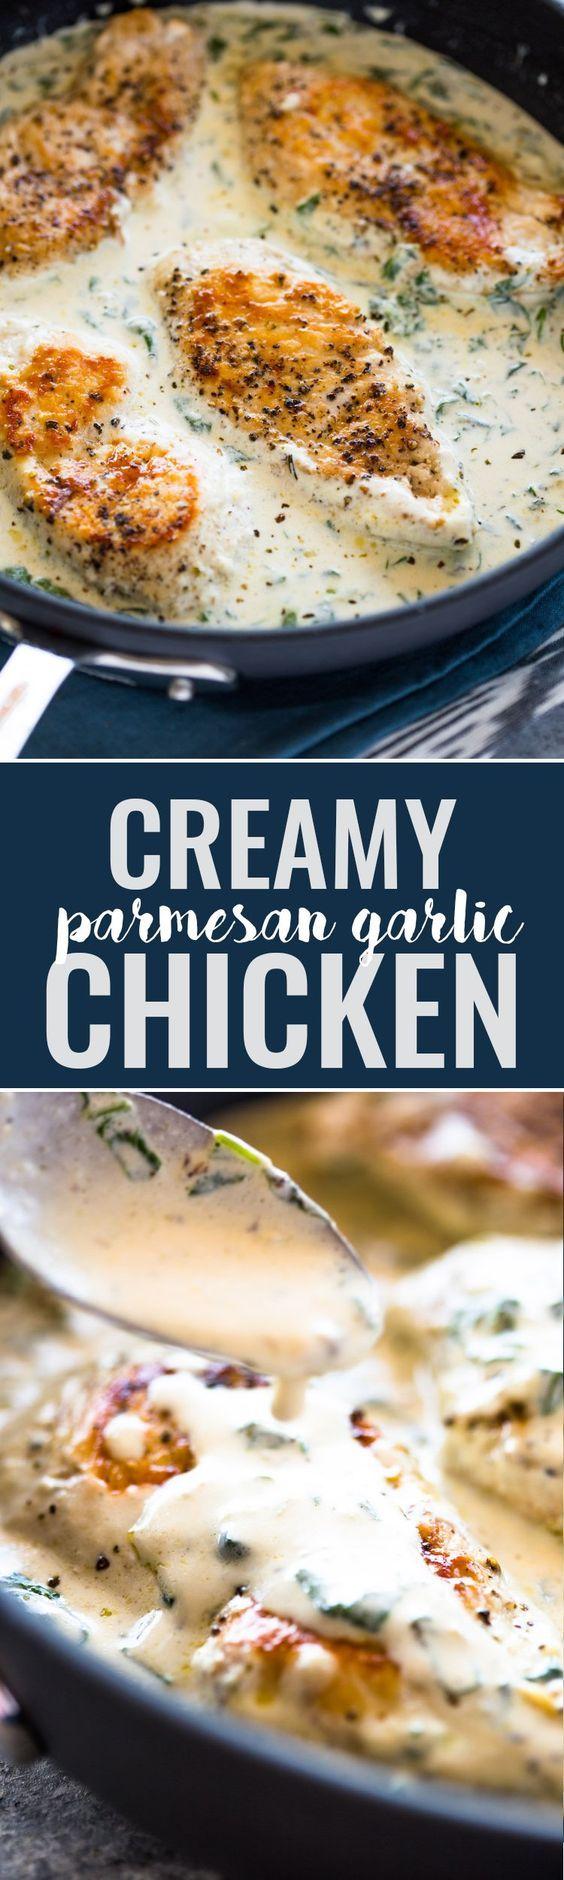 Creamy Parmesan Garlic Chicken